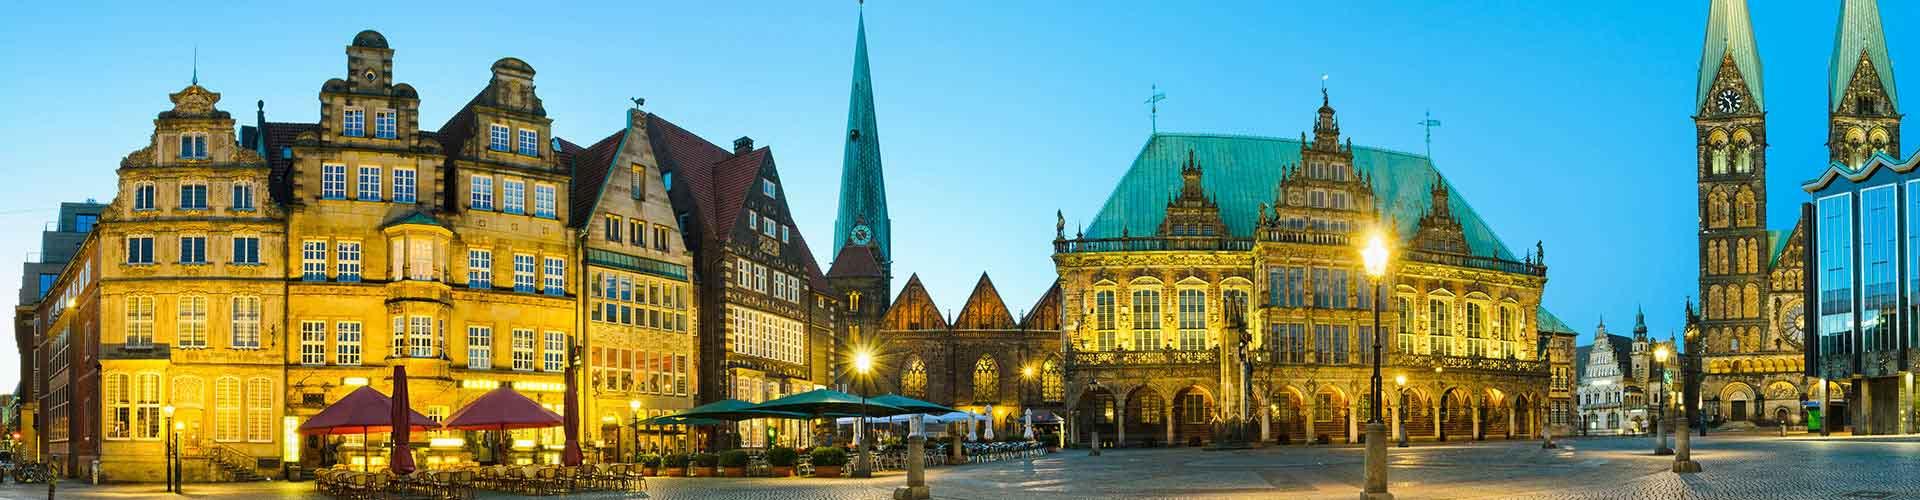 브레멘 - 브레멘에 있는 호스텔. 브레멘의 지도, 브레멘에 위치한 호스텔 사진 및 후기 정보.